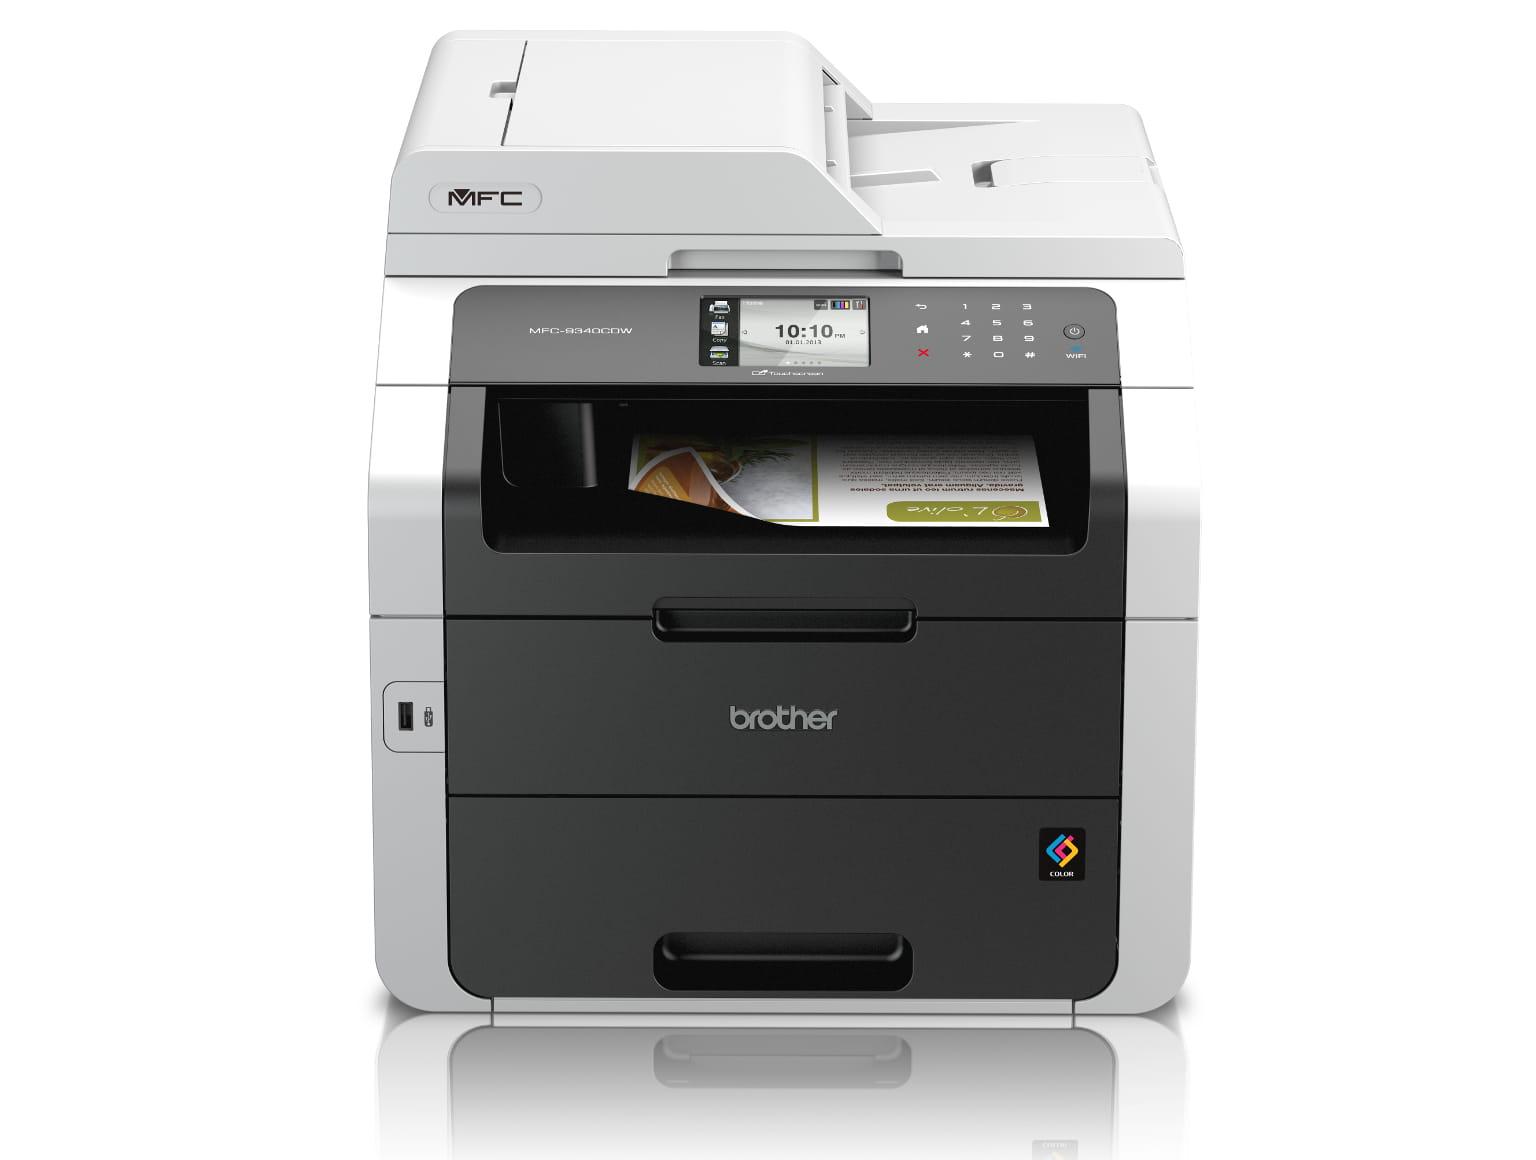 Impresora multifunción láser color DCP-9020CDW